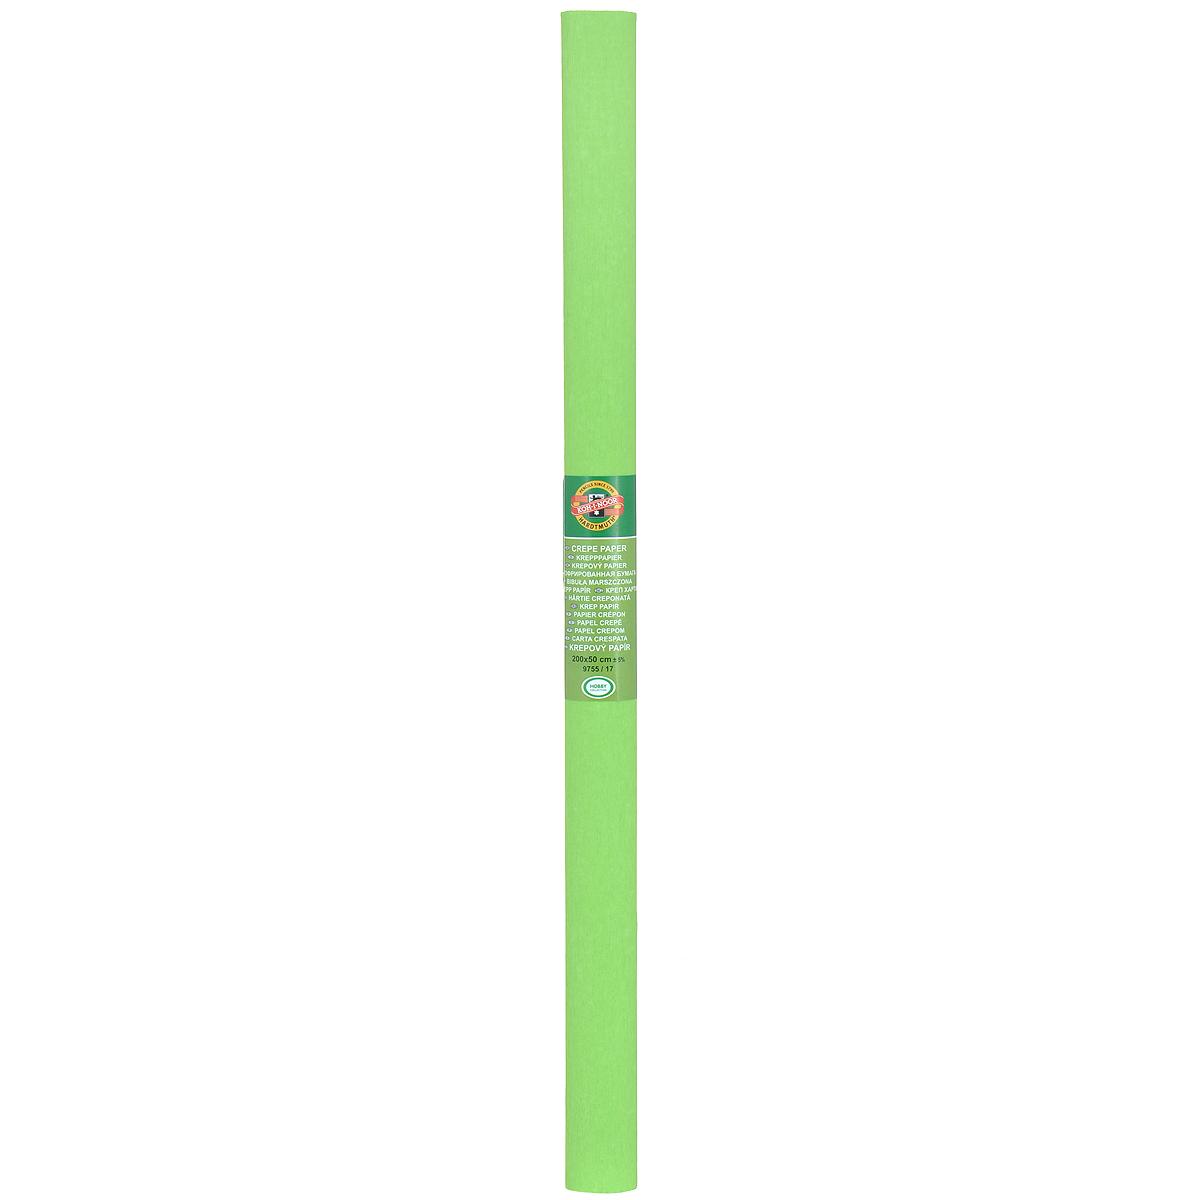 Бумага гофрированная Koh-I-Noor, цвет: светло-зеленый, 50 см x 2 м55052Гофрированная бумага Koh-I-Noor - прекрасный материал для декорирования, изготовления эффектной упаковки и различных поделок. Бумага прекрасно держит форму, не пачкает руки, отлично крепится и замечательно подходит для изготовления праздничной упаковки для цветов.